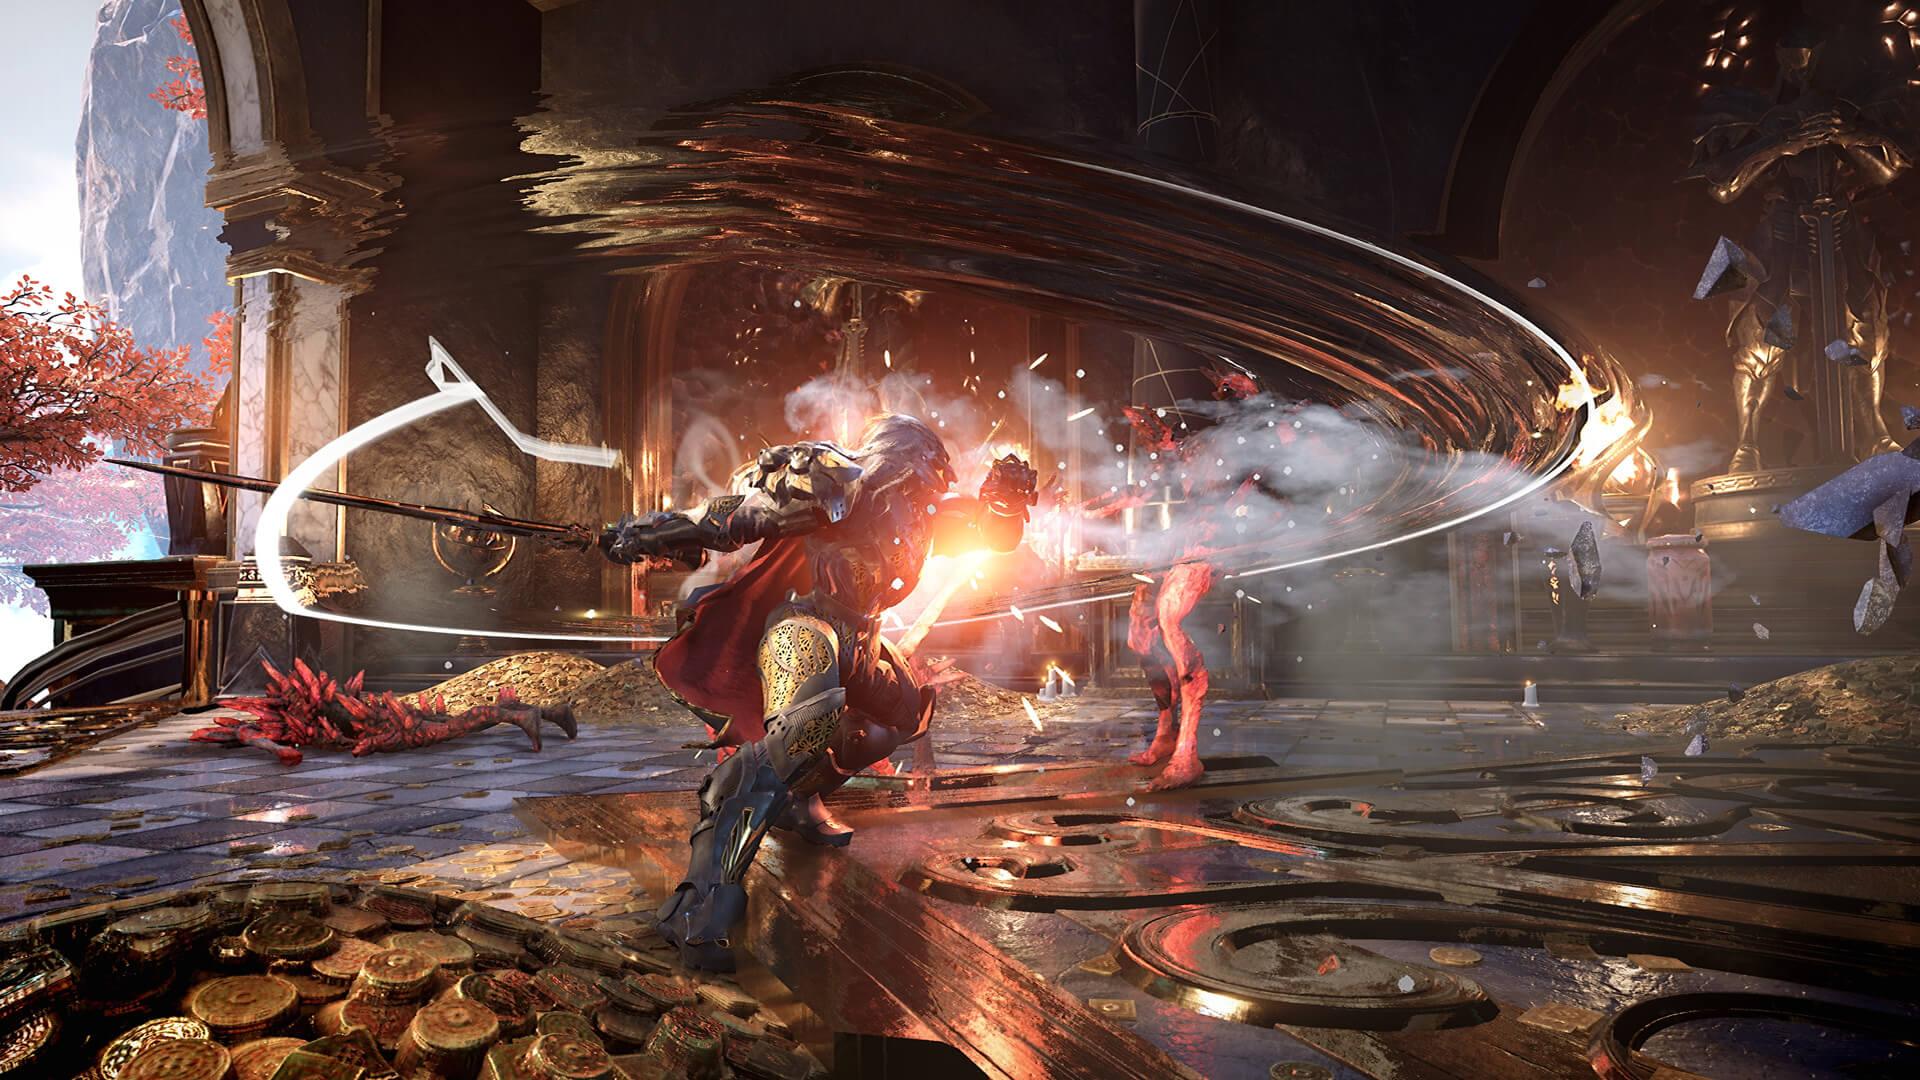 次世代ARPG《众神陨落》将于11月12日发售 迎接挑战